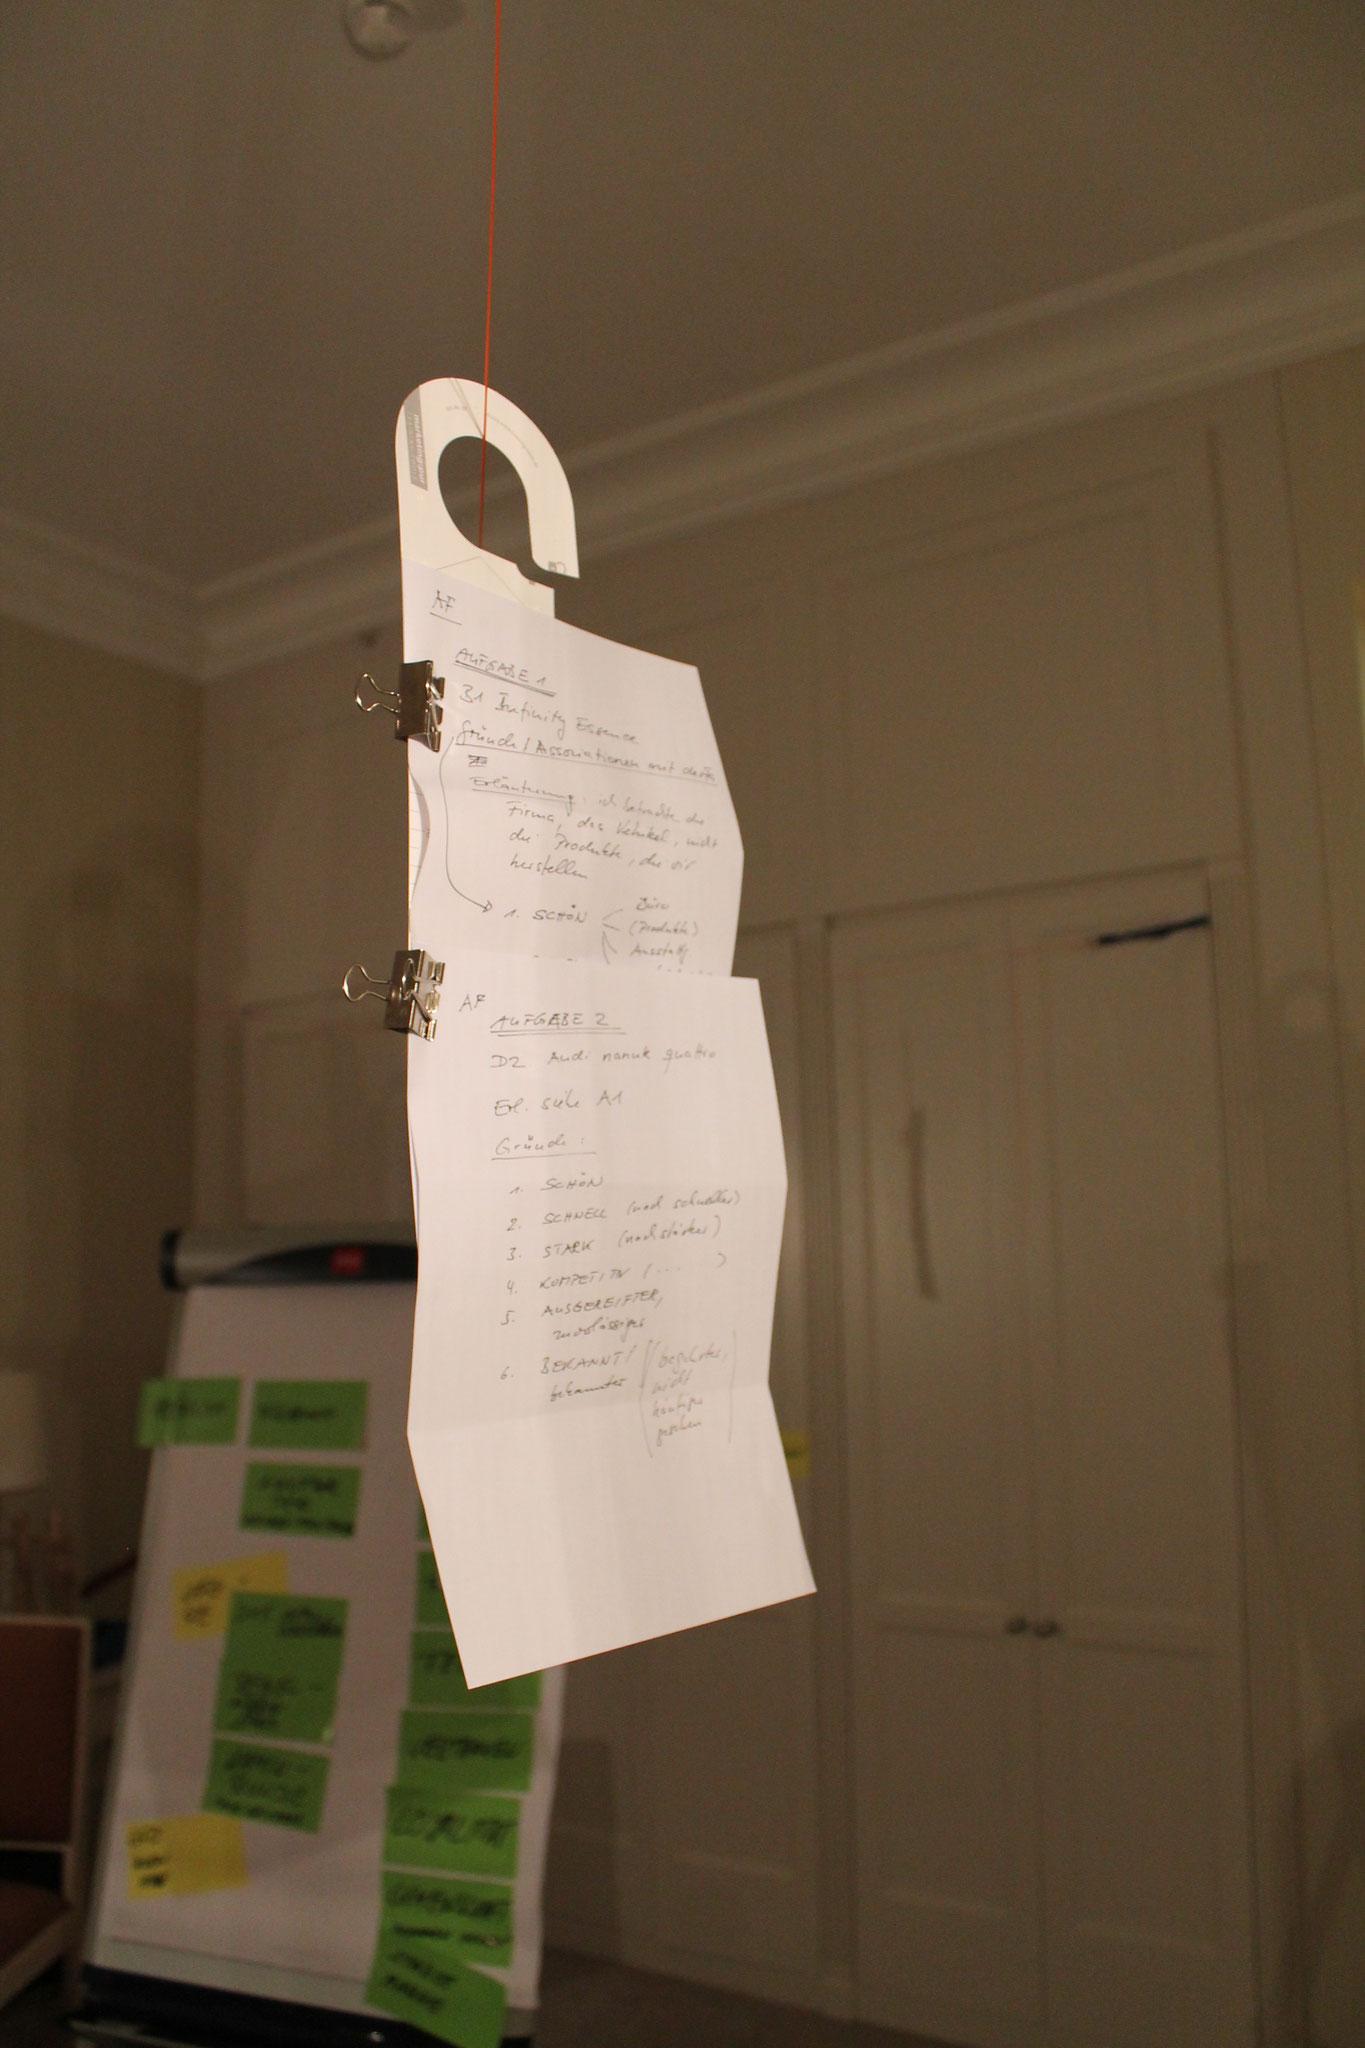 In kleinen Gruppen oder in Coachings können z. B. Ausarbeitungen sichtbar im Raum hängen